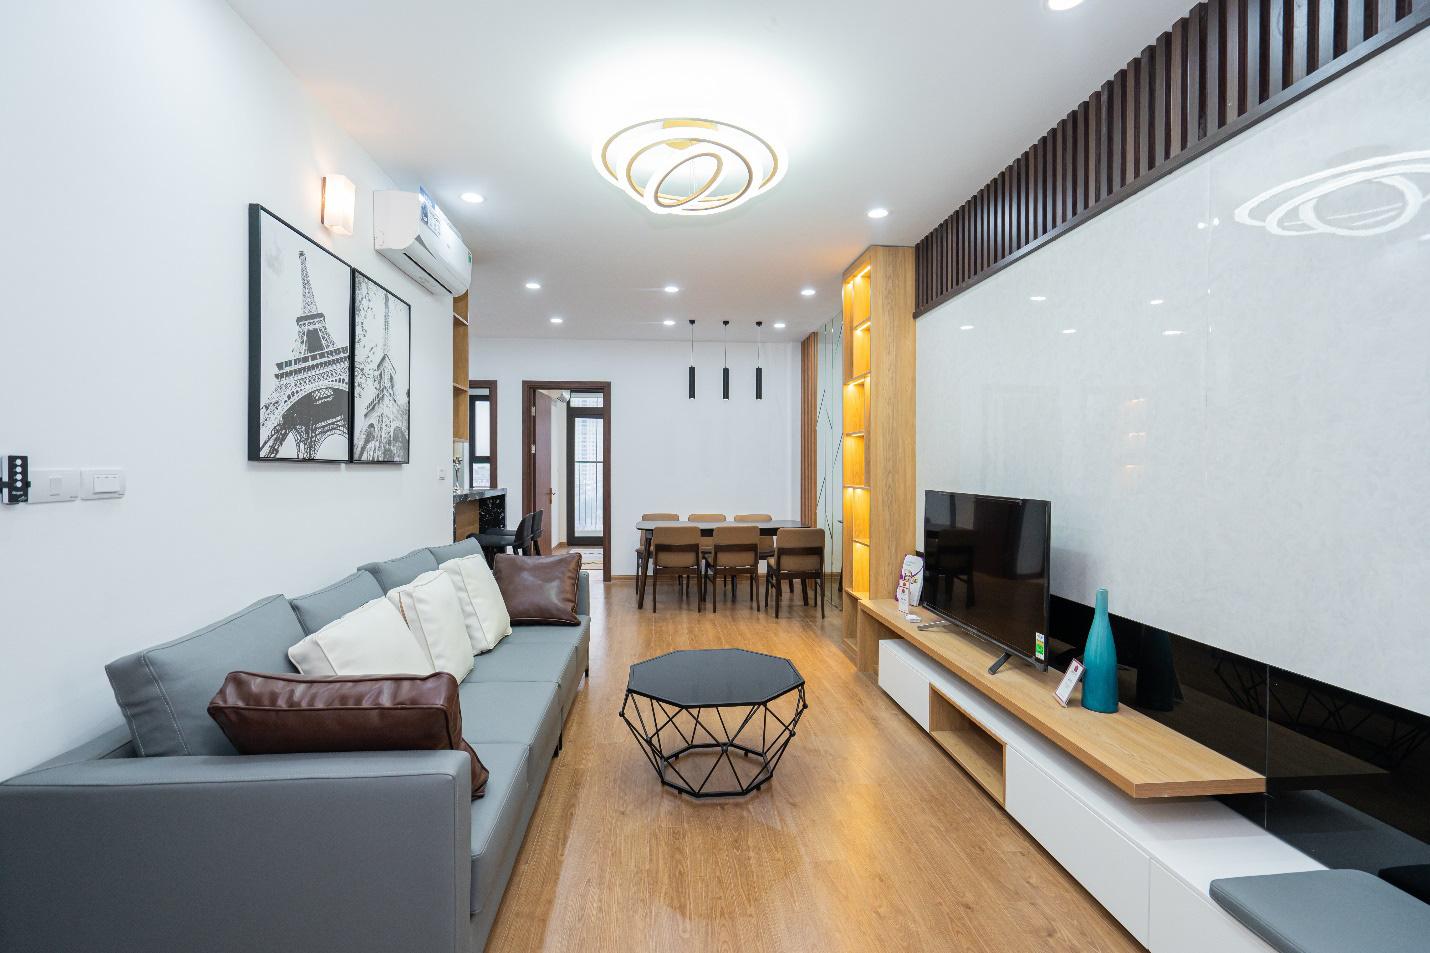 Thỏa mãn giấc mơ an cư khi mua căn hộ Phú Thịnh Green Park - Ảnh 1.